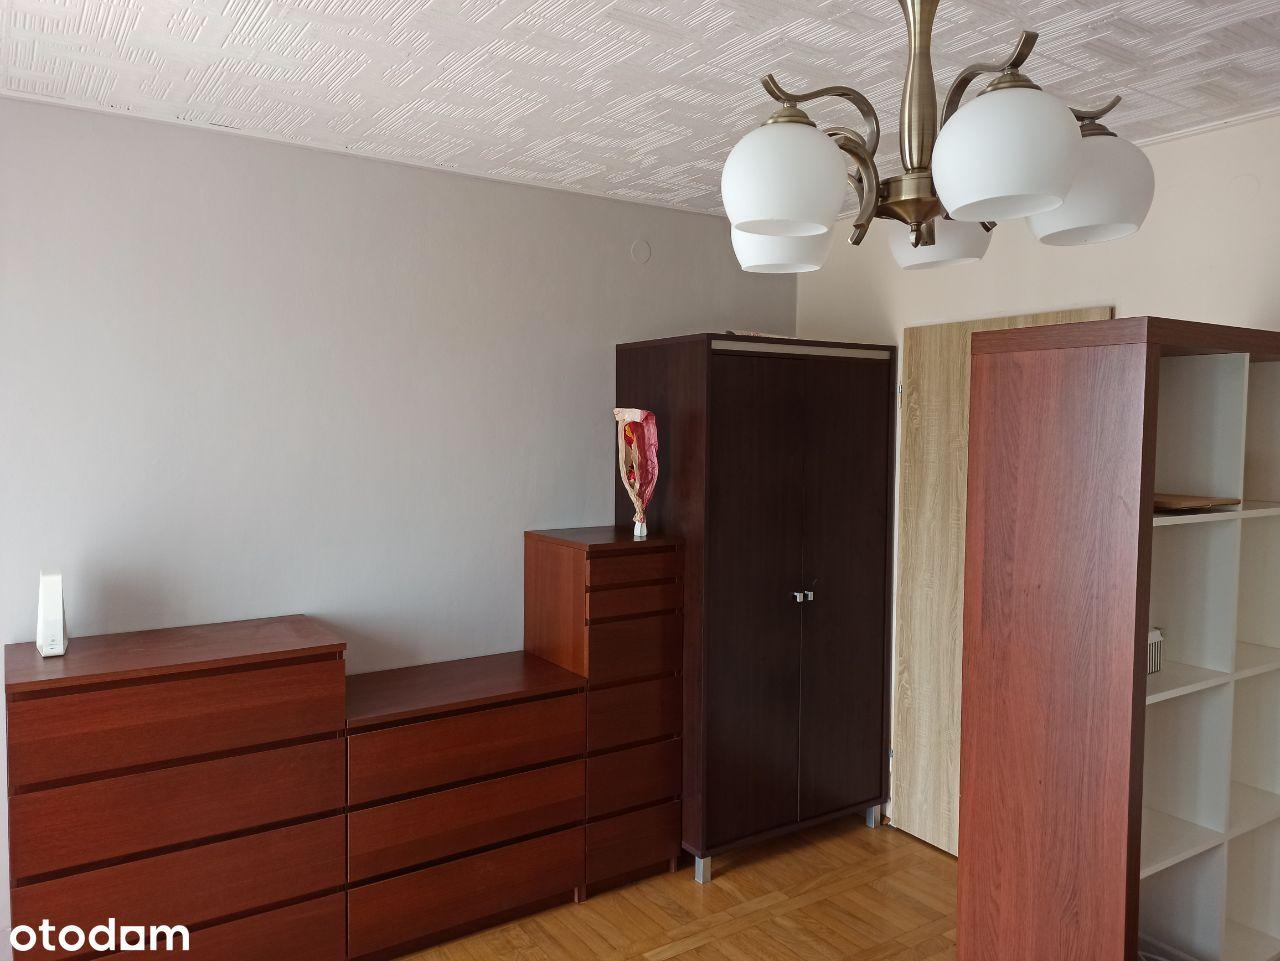 Mieszkanie 2 pokojowe do wynajęcia Kraków Podgórze